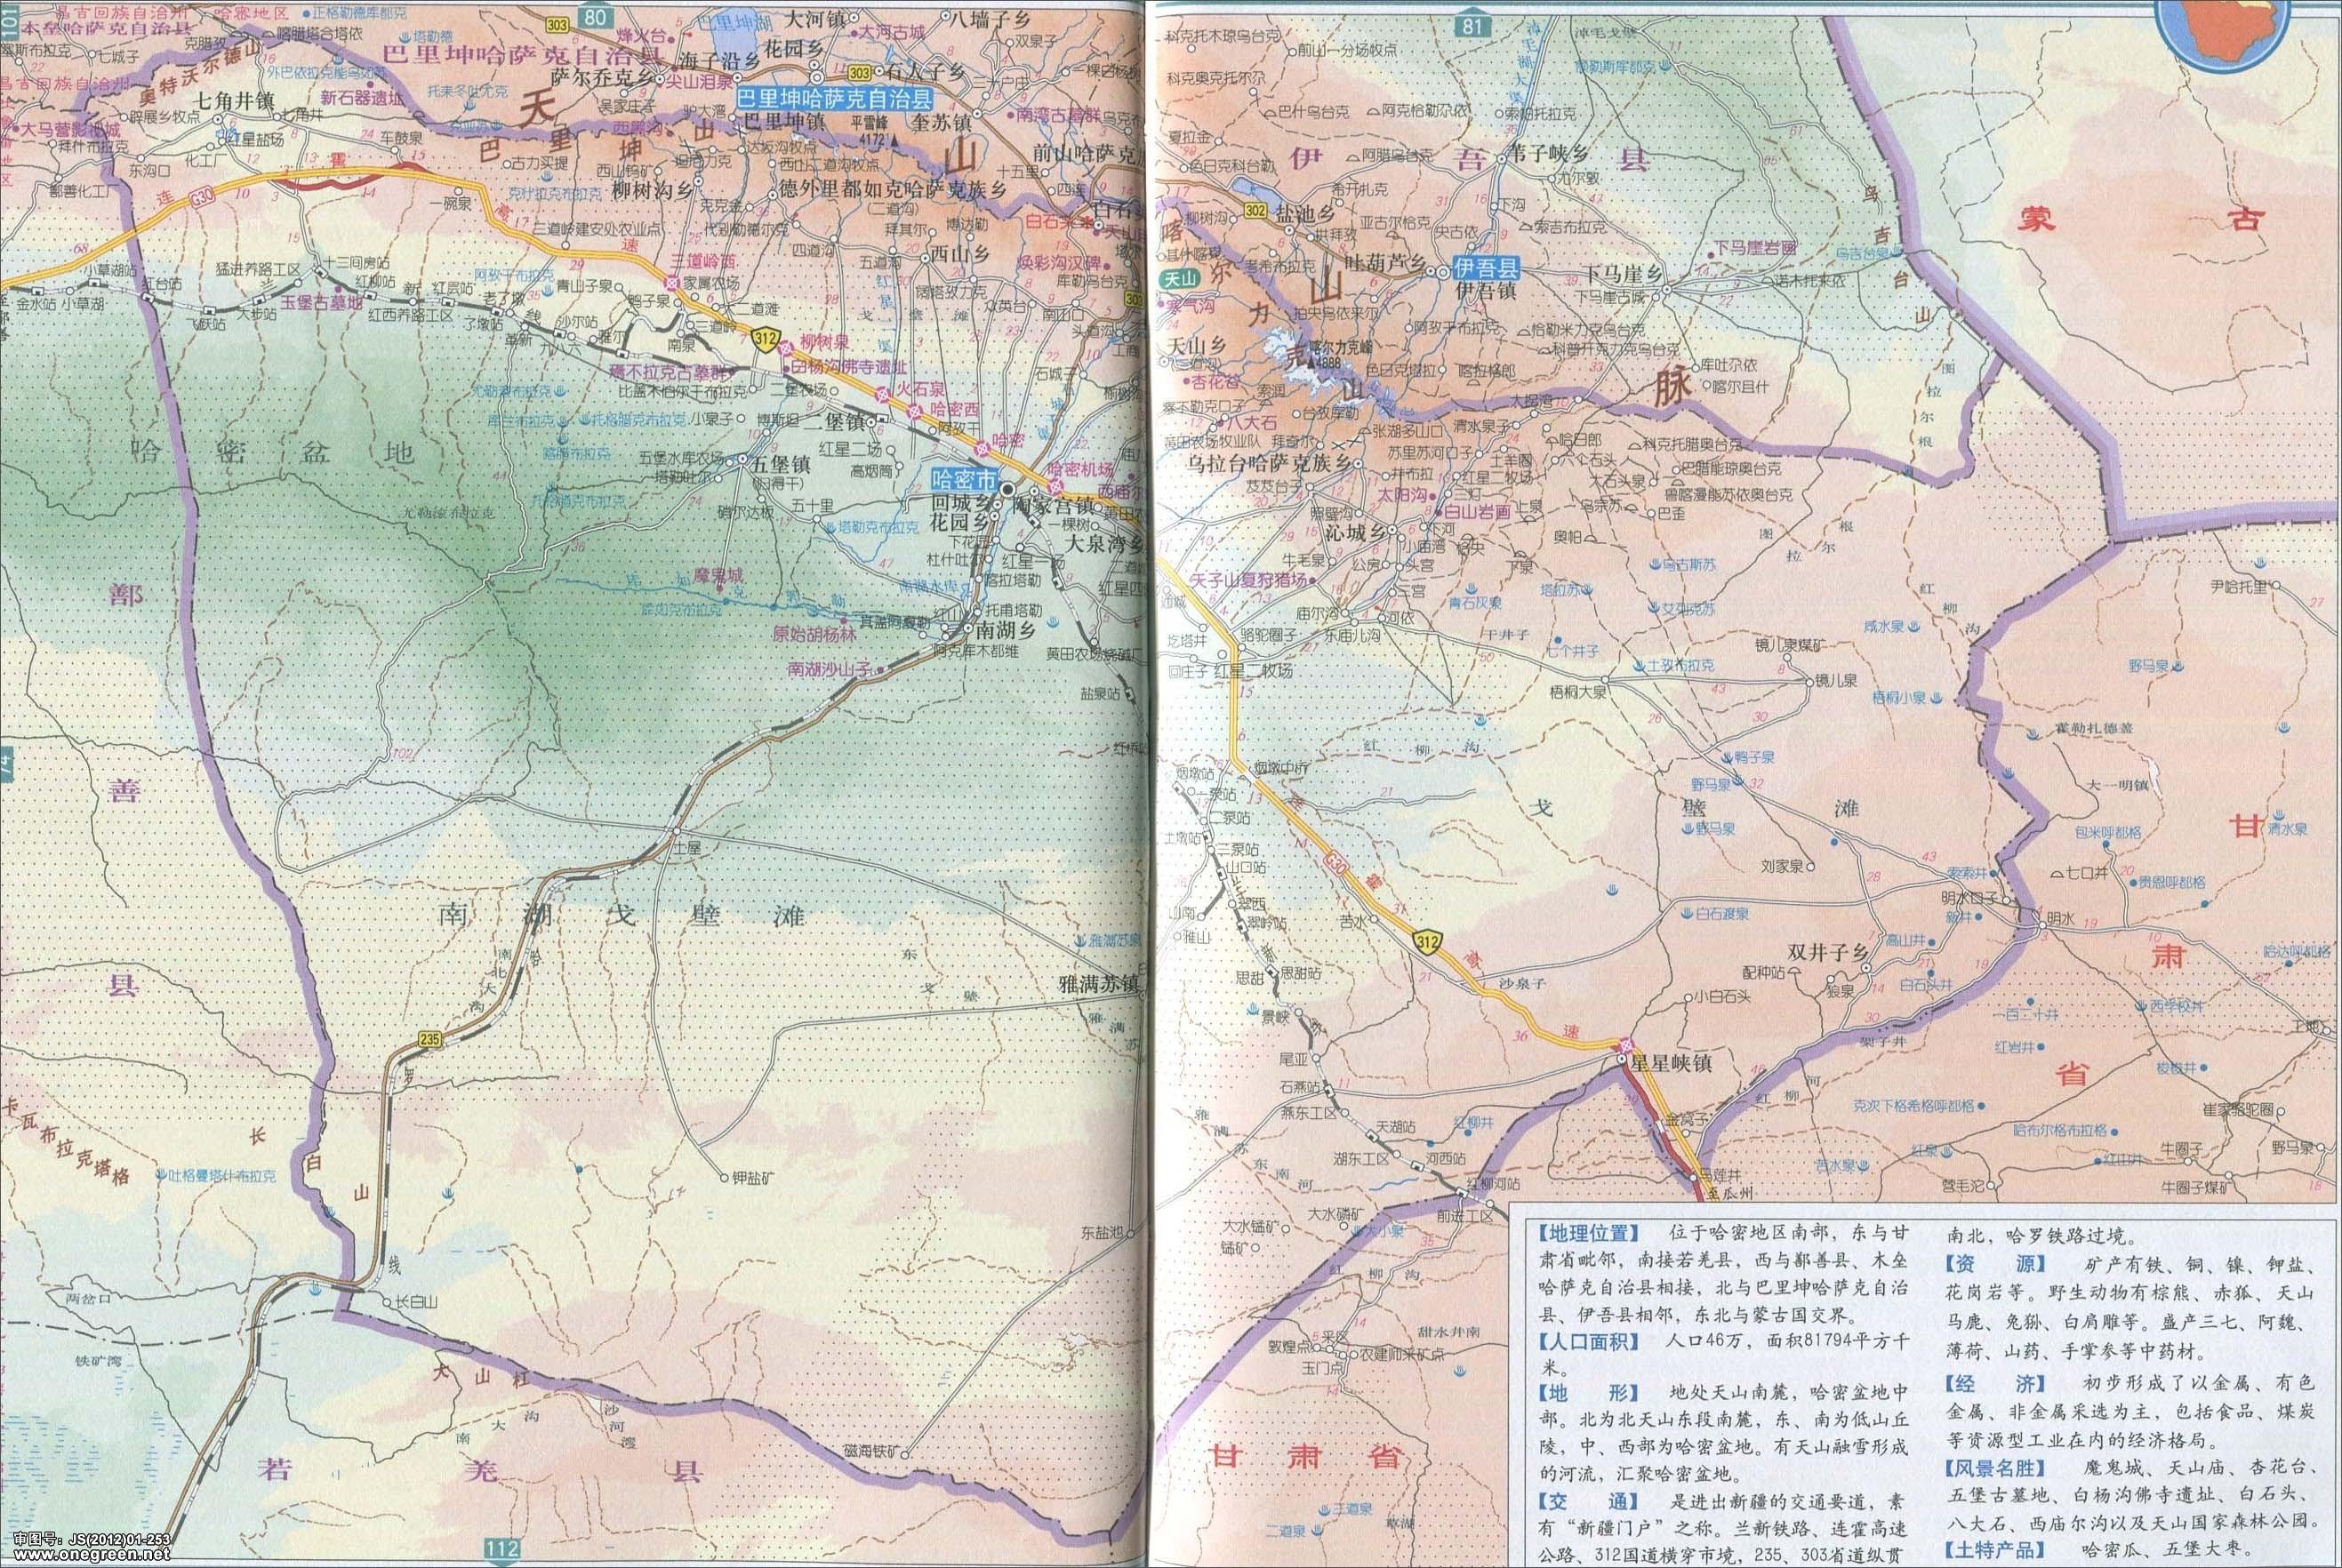 没有了    哈密    下一张地图: 巴里坤哈萨克自治县伊吾县地图